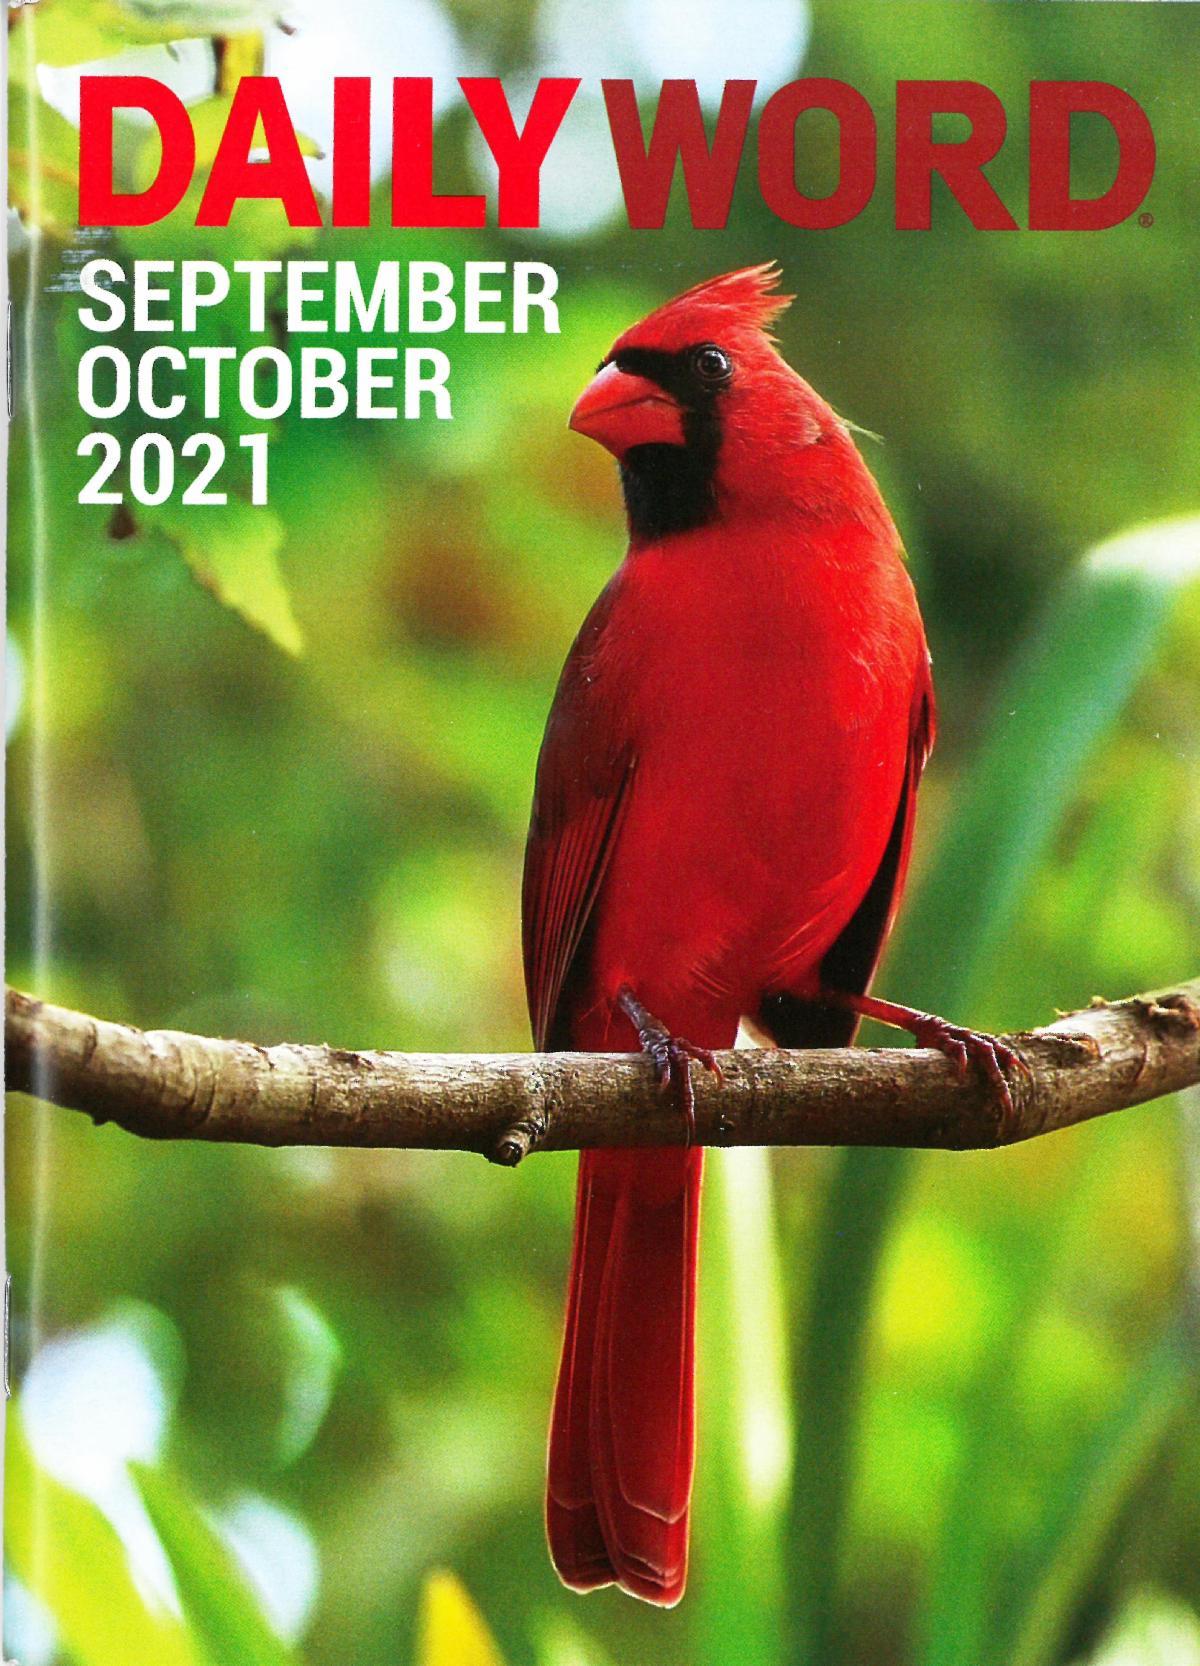 Daily Word September.jpg